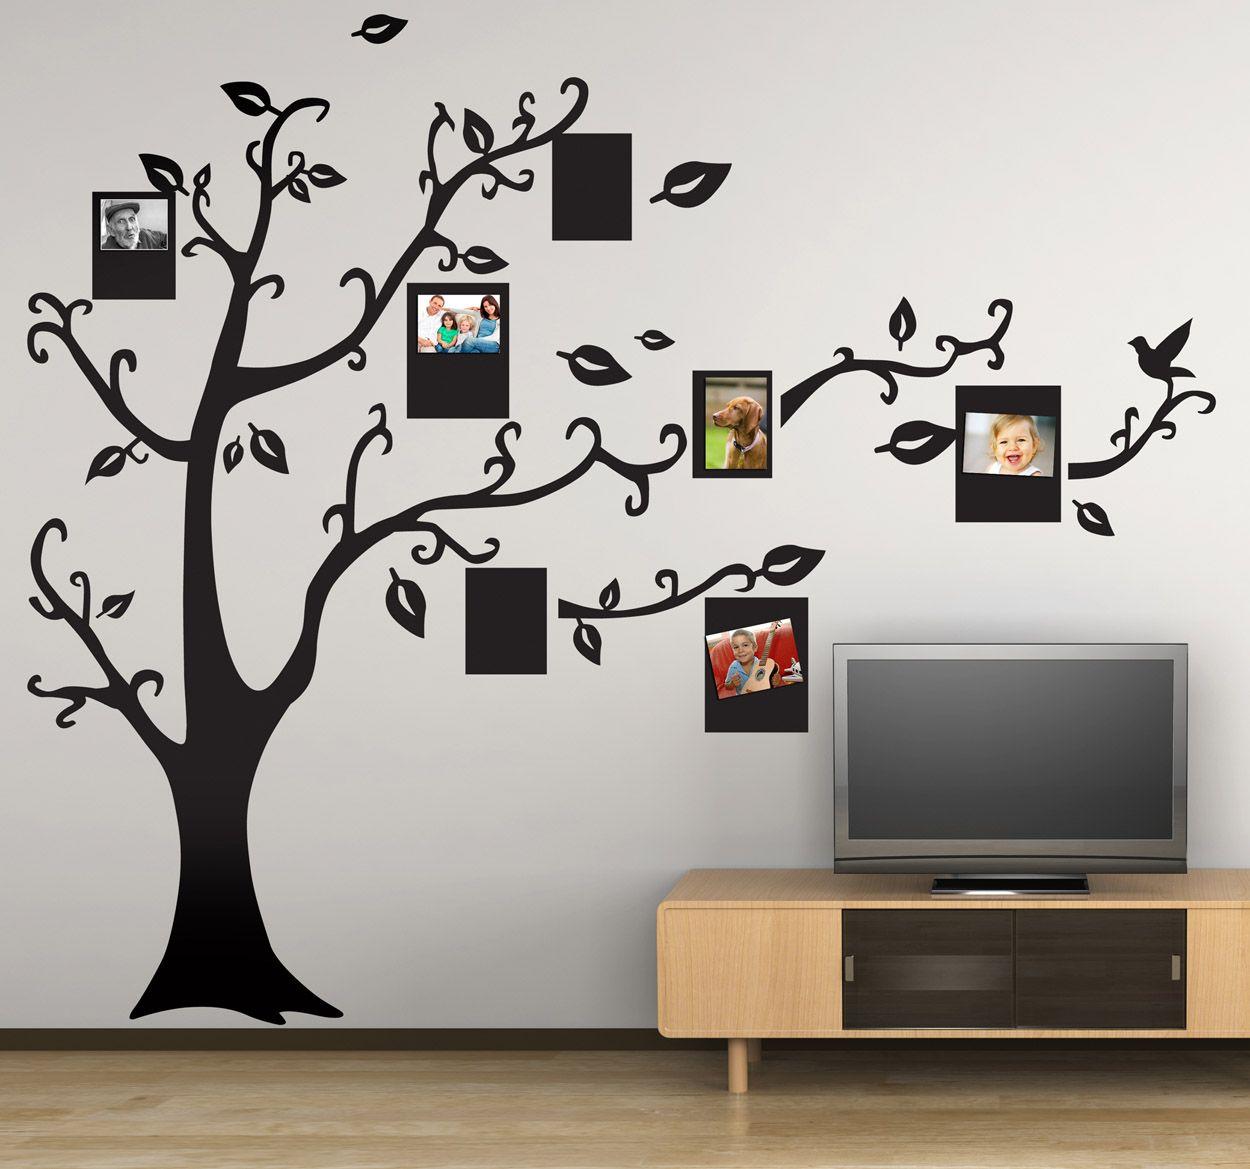 Vinilo decorativo silueta árbol fotos | Vinilos | Pinterest ...